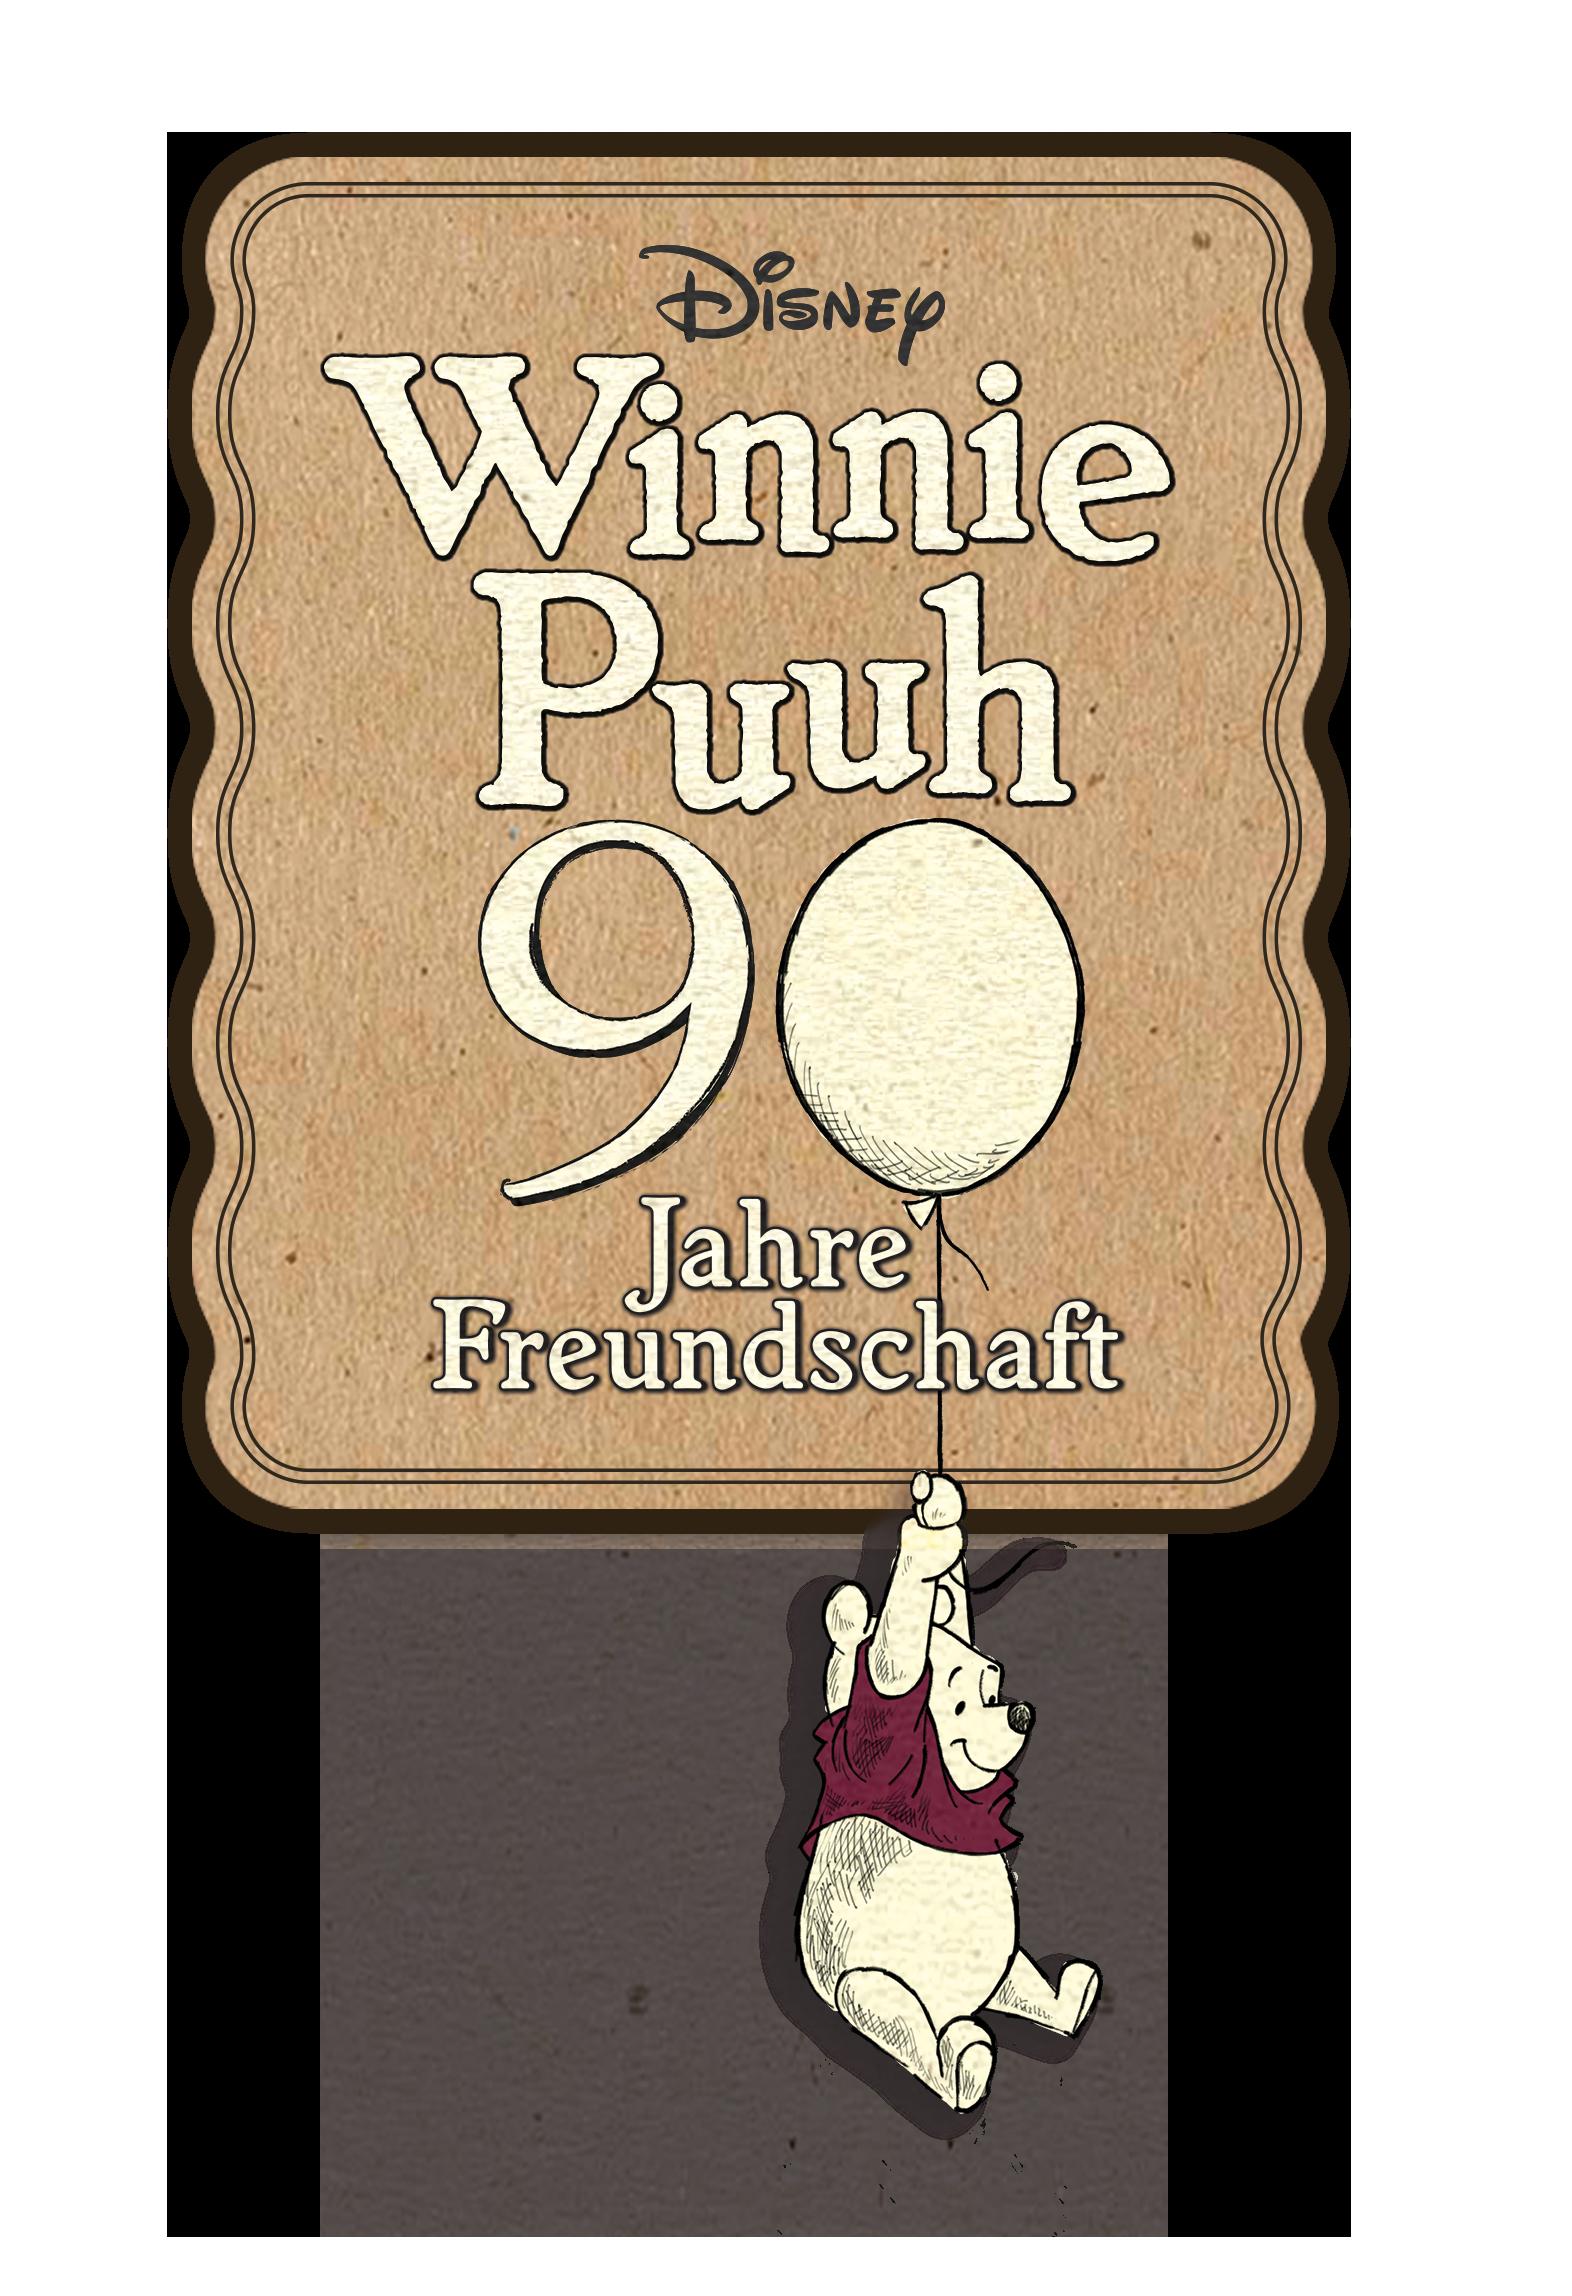 90-jahre-winnie-puuh_freundschaft